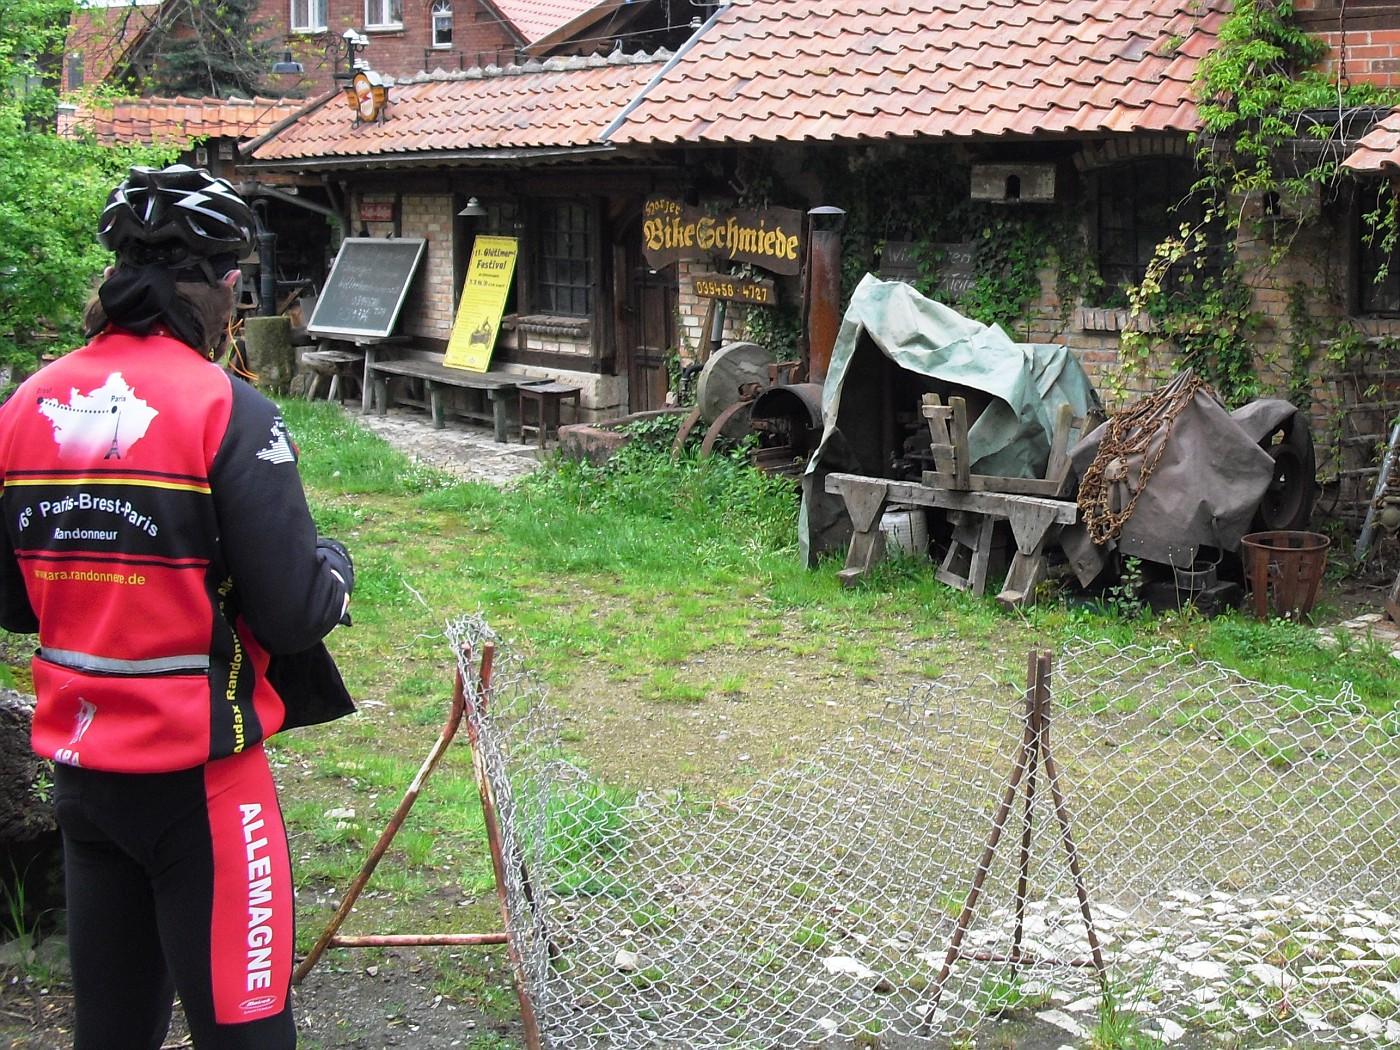 Bike-Schmiede